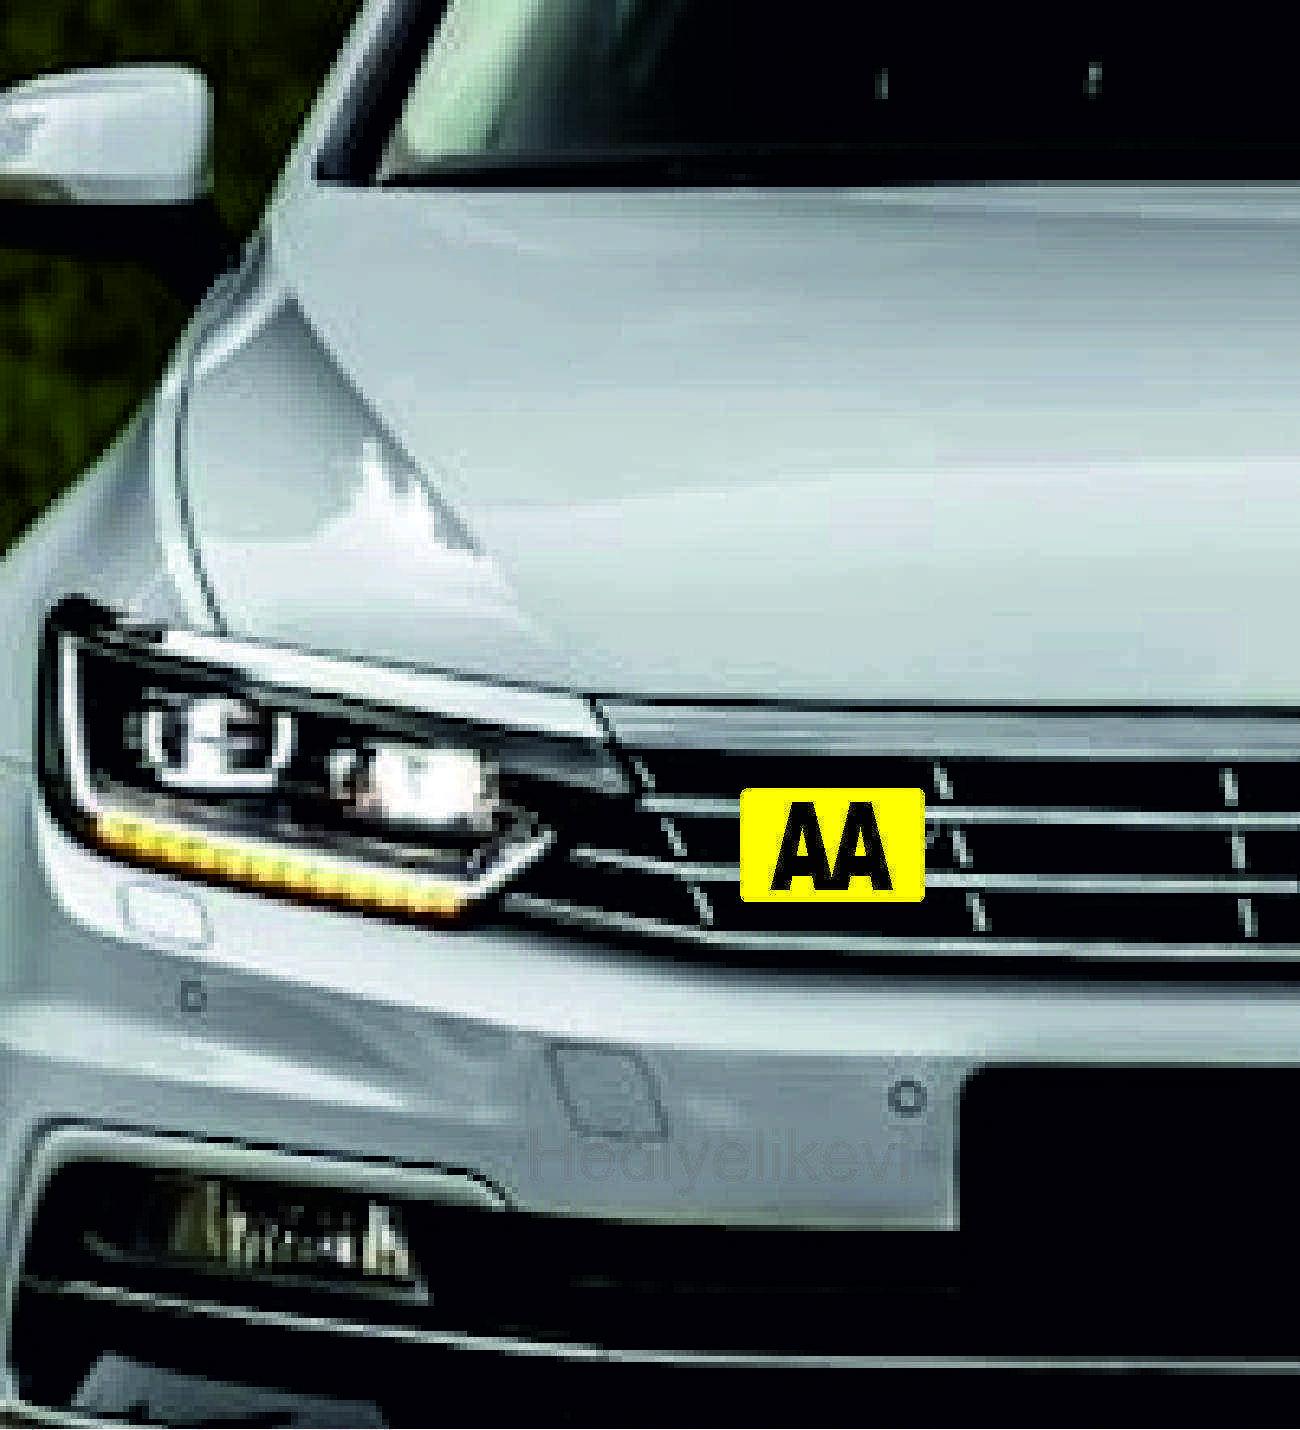 Araç Ön Panjur Logosu Panjur Arma AA logolu